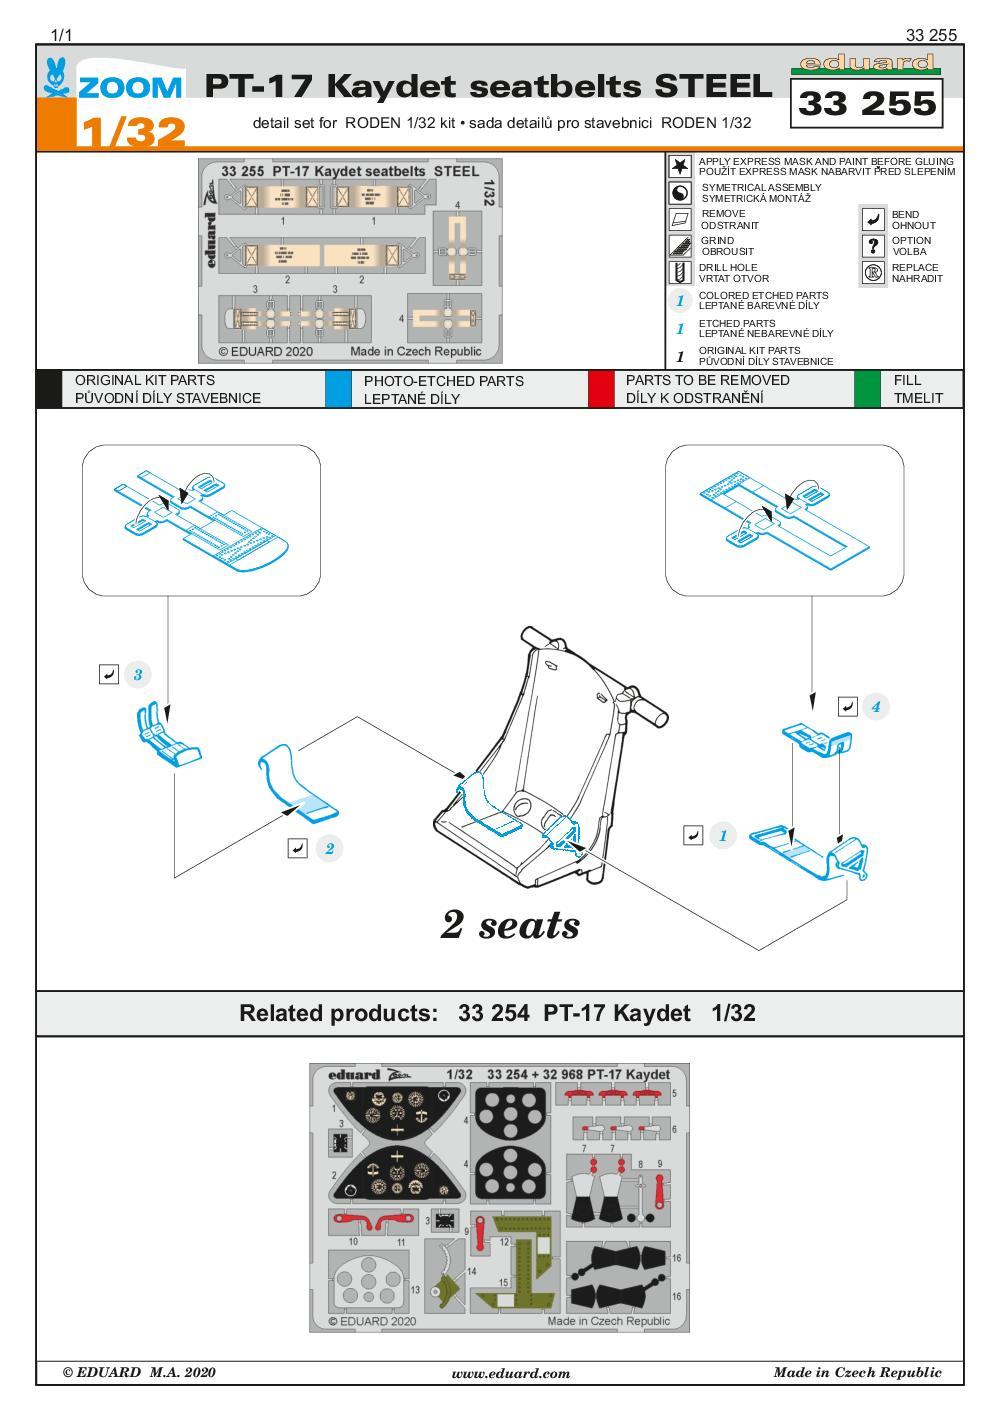 Eduard-33255-PT-17-Kaydet-seatbelts-STEEL-2 Eduard Zurüstsets für die PT-17 von Roden in 1:32